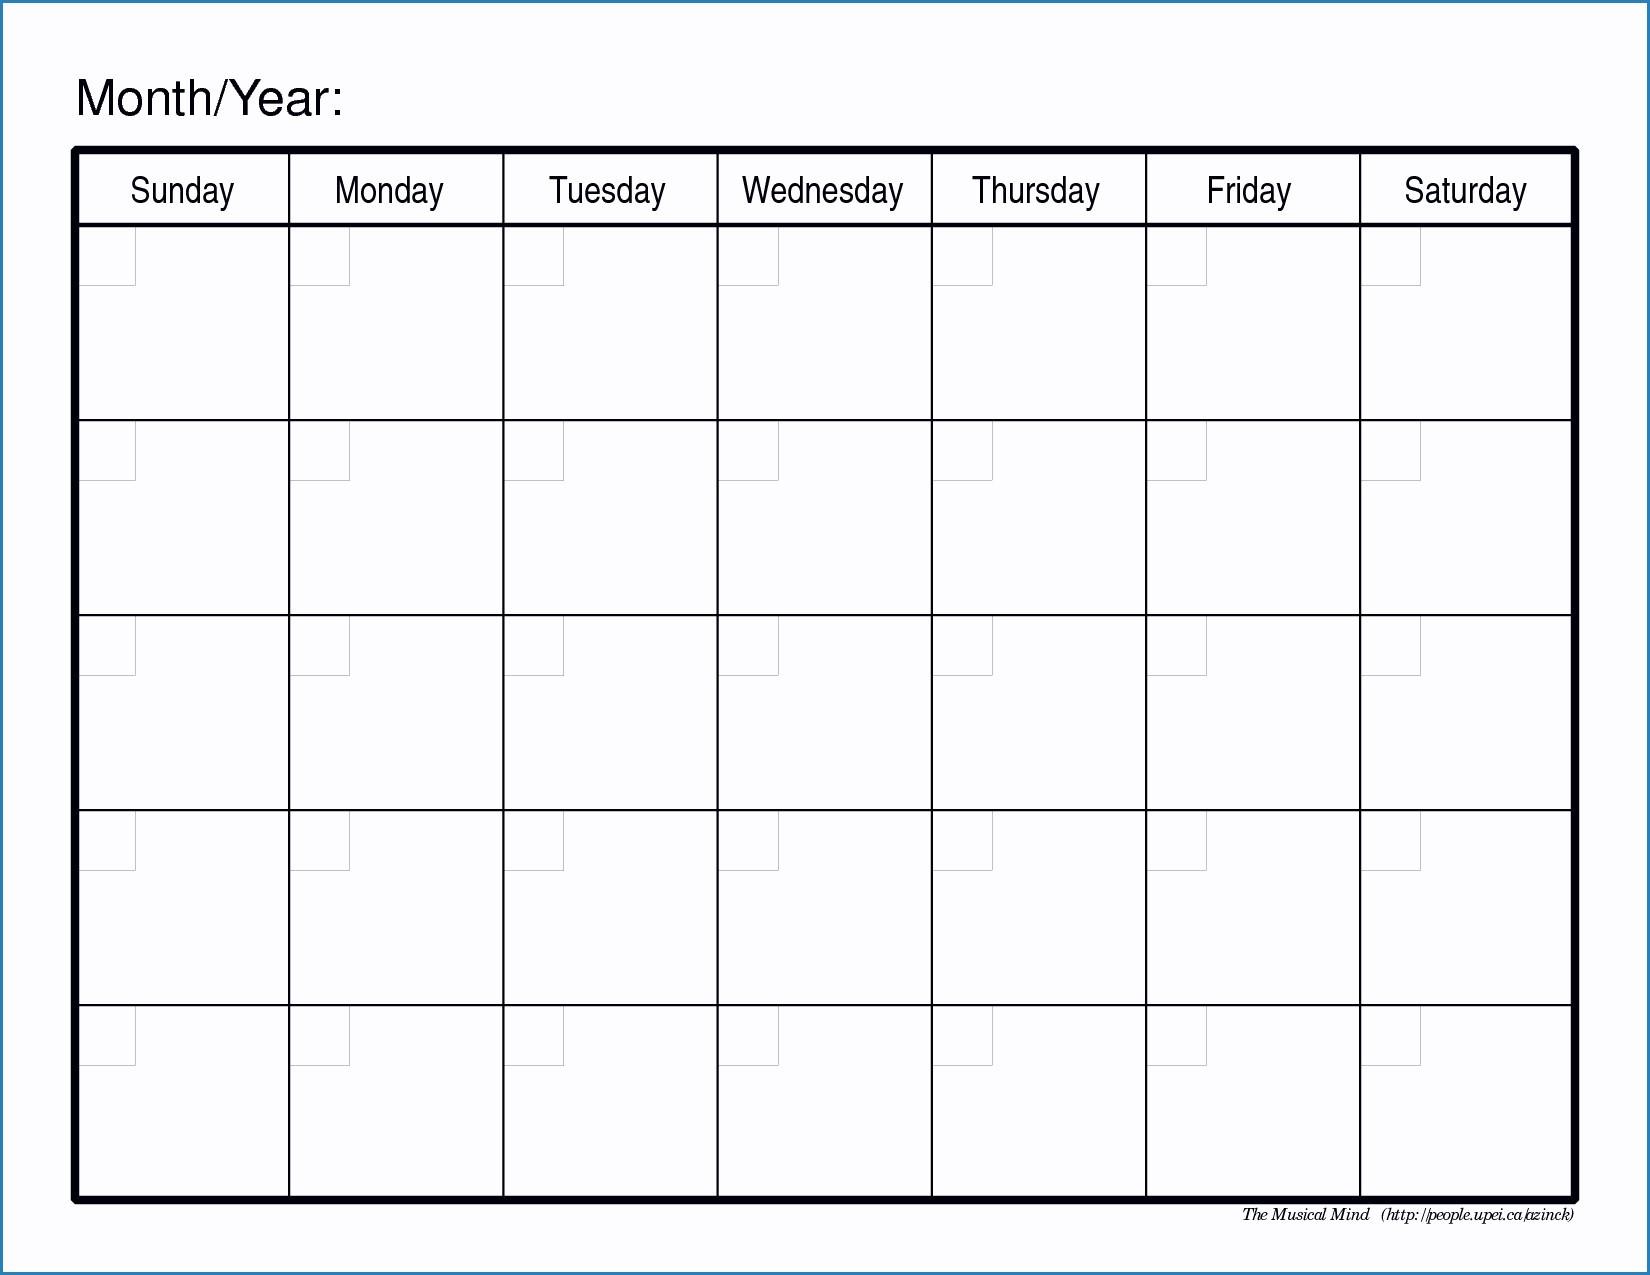 Kalender Selber Basteln Vorlagen Schön Kalender Ausdrucken 2015 Schön Printable 0d Calendars Kalender